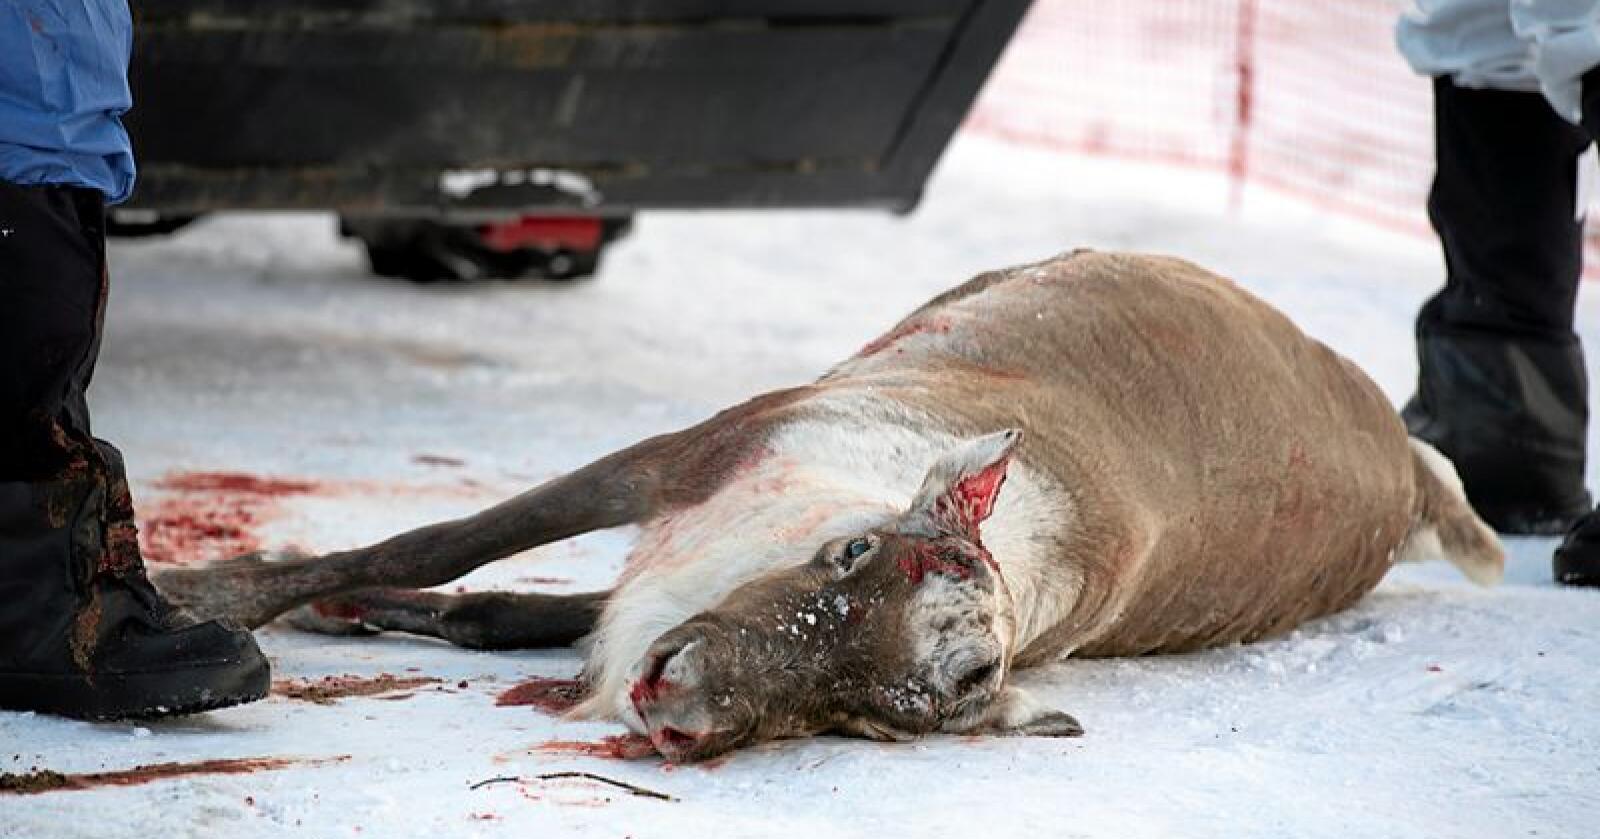 Hatsverk: Hastverket med å avklare om det finnes smitta dyr i Nordfjella og på Hardangervidda står i kontrast til sykdommens langsomme utvikling, skriver innsenderen. Foto: Marit Hommedal/NTB scanpix